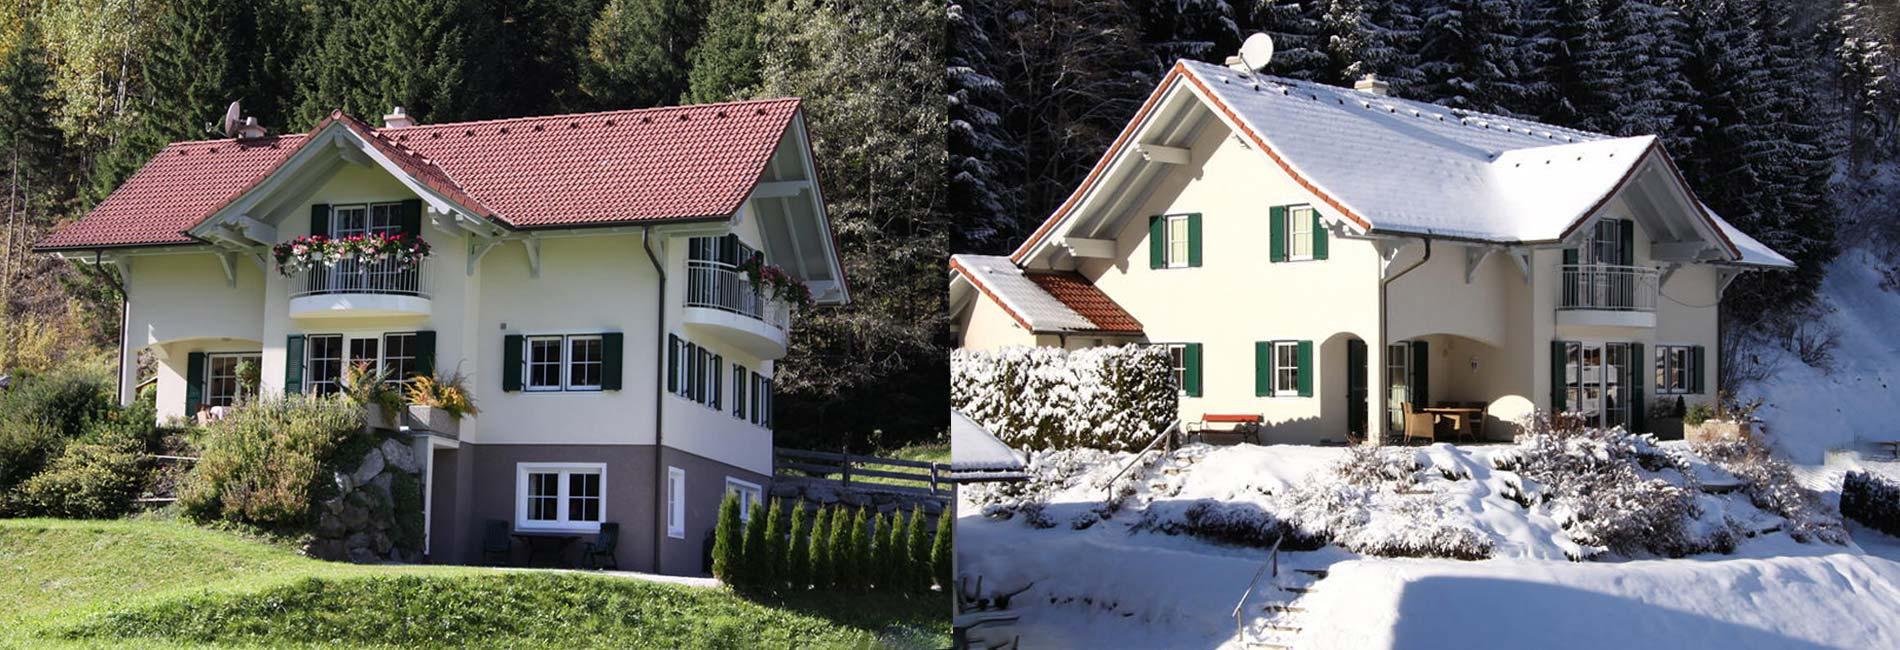 Chalet Claudia Hotel Neustift Milders Appartement Ferienwohnung Stubaital Tirol Austria